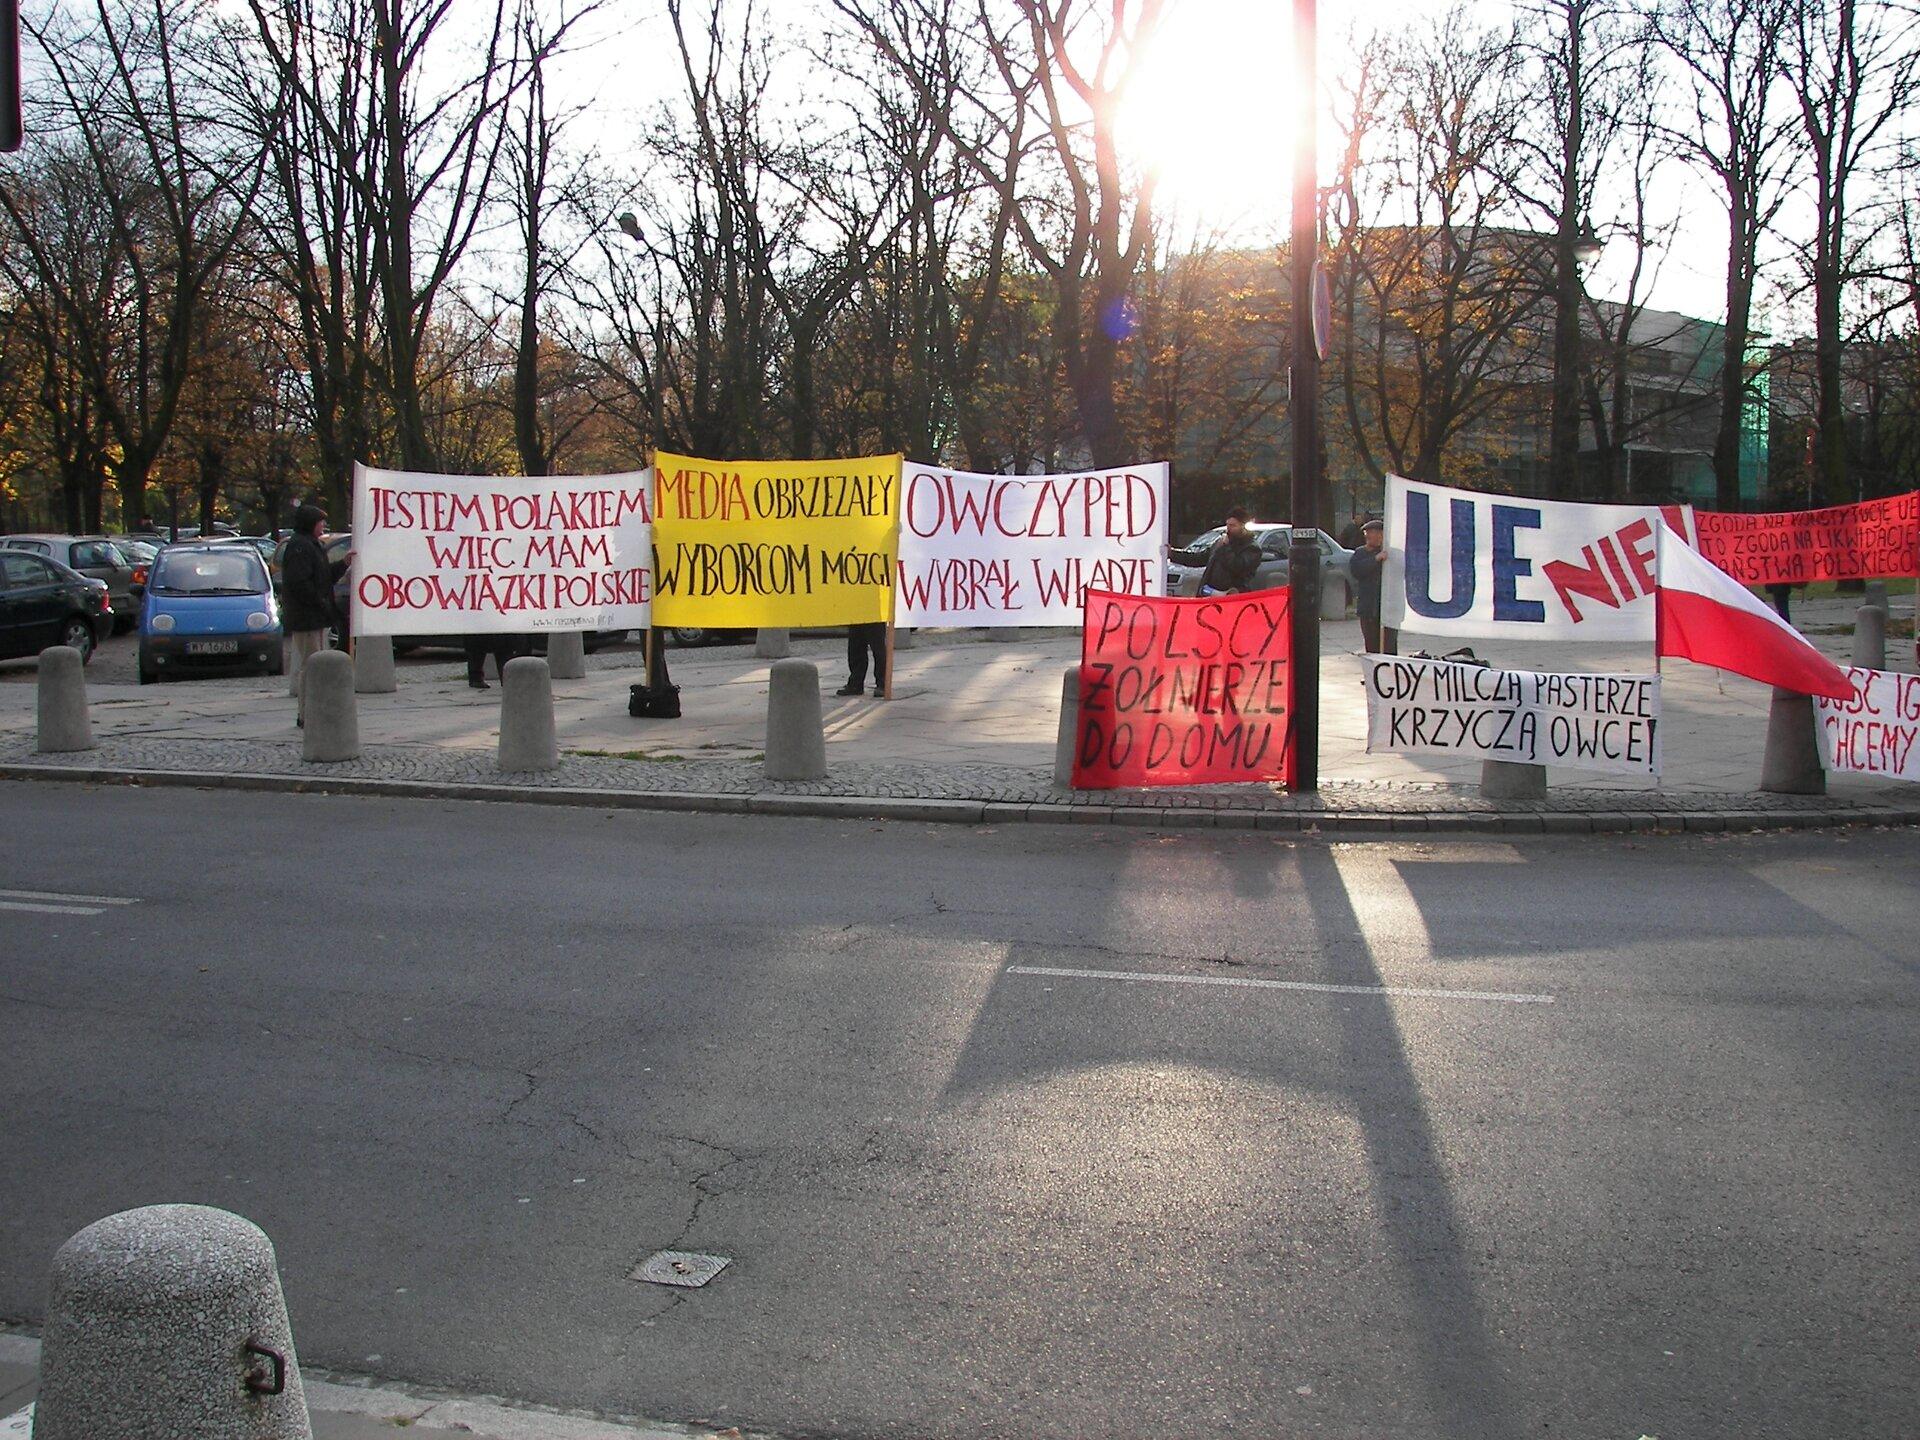 Pikieta przed sejmem Źródło: Piotr VaGla Waglowski, Pikieta przed sejmem, domena publiczna.